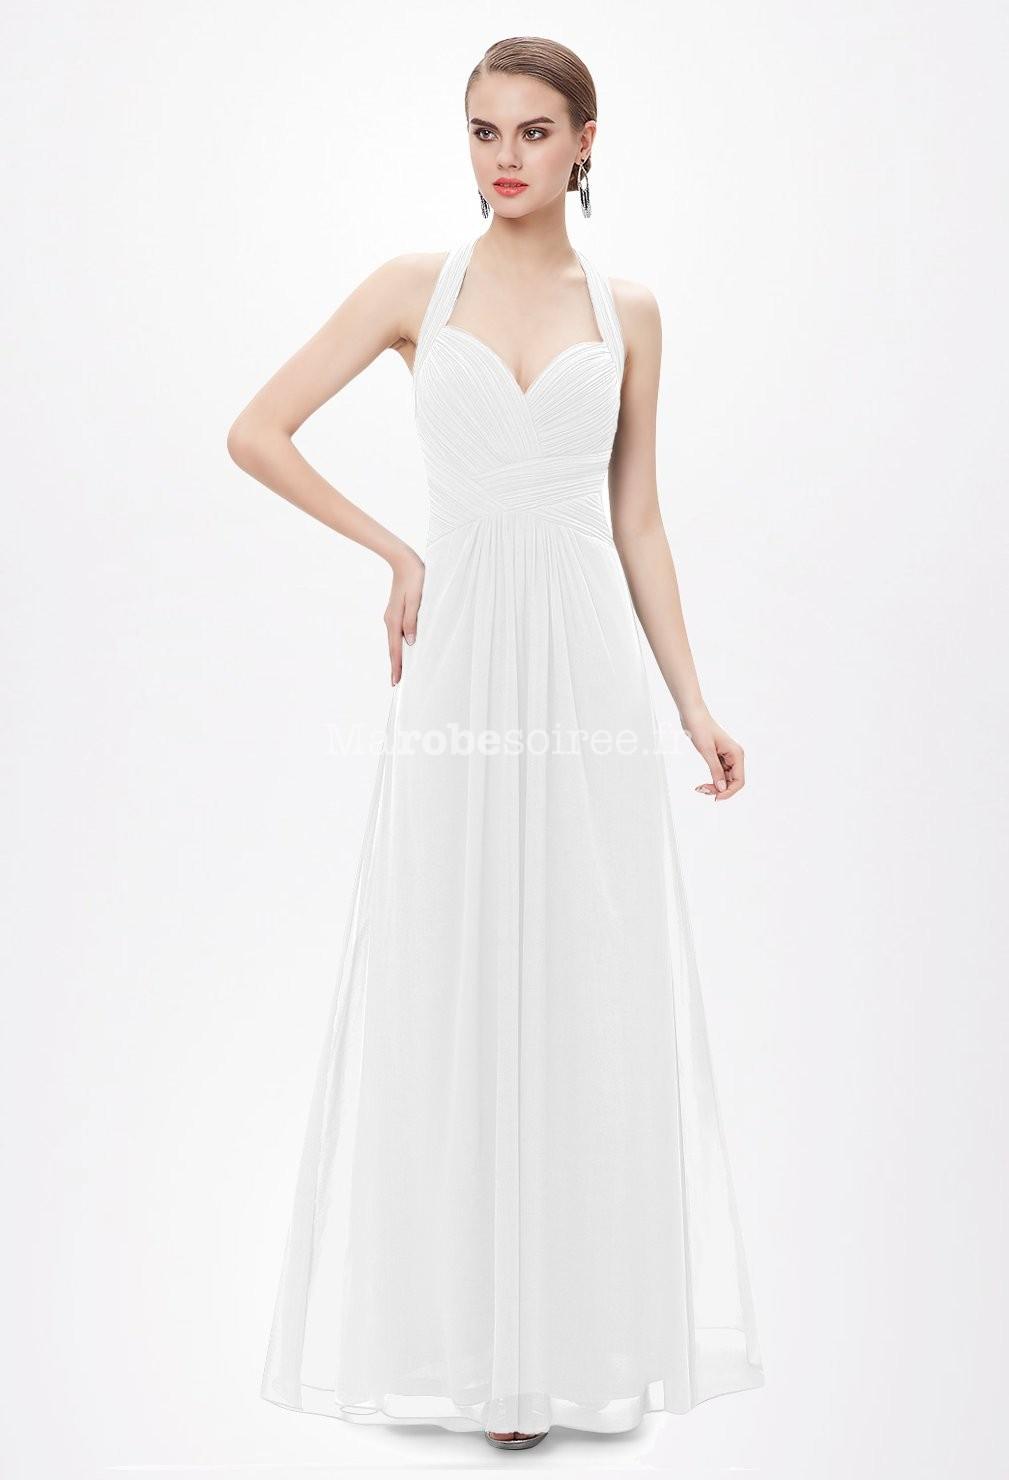 Accueil / Robe de mariée simple et fluide dos nu réf EP8487